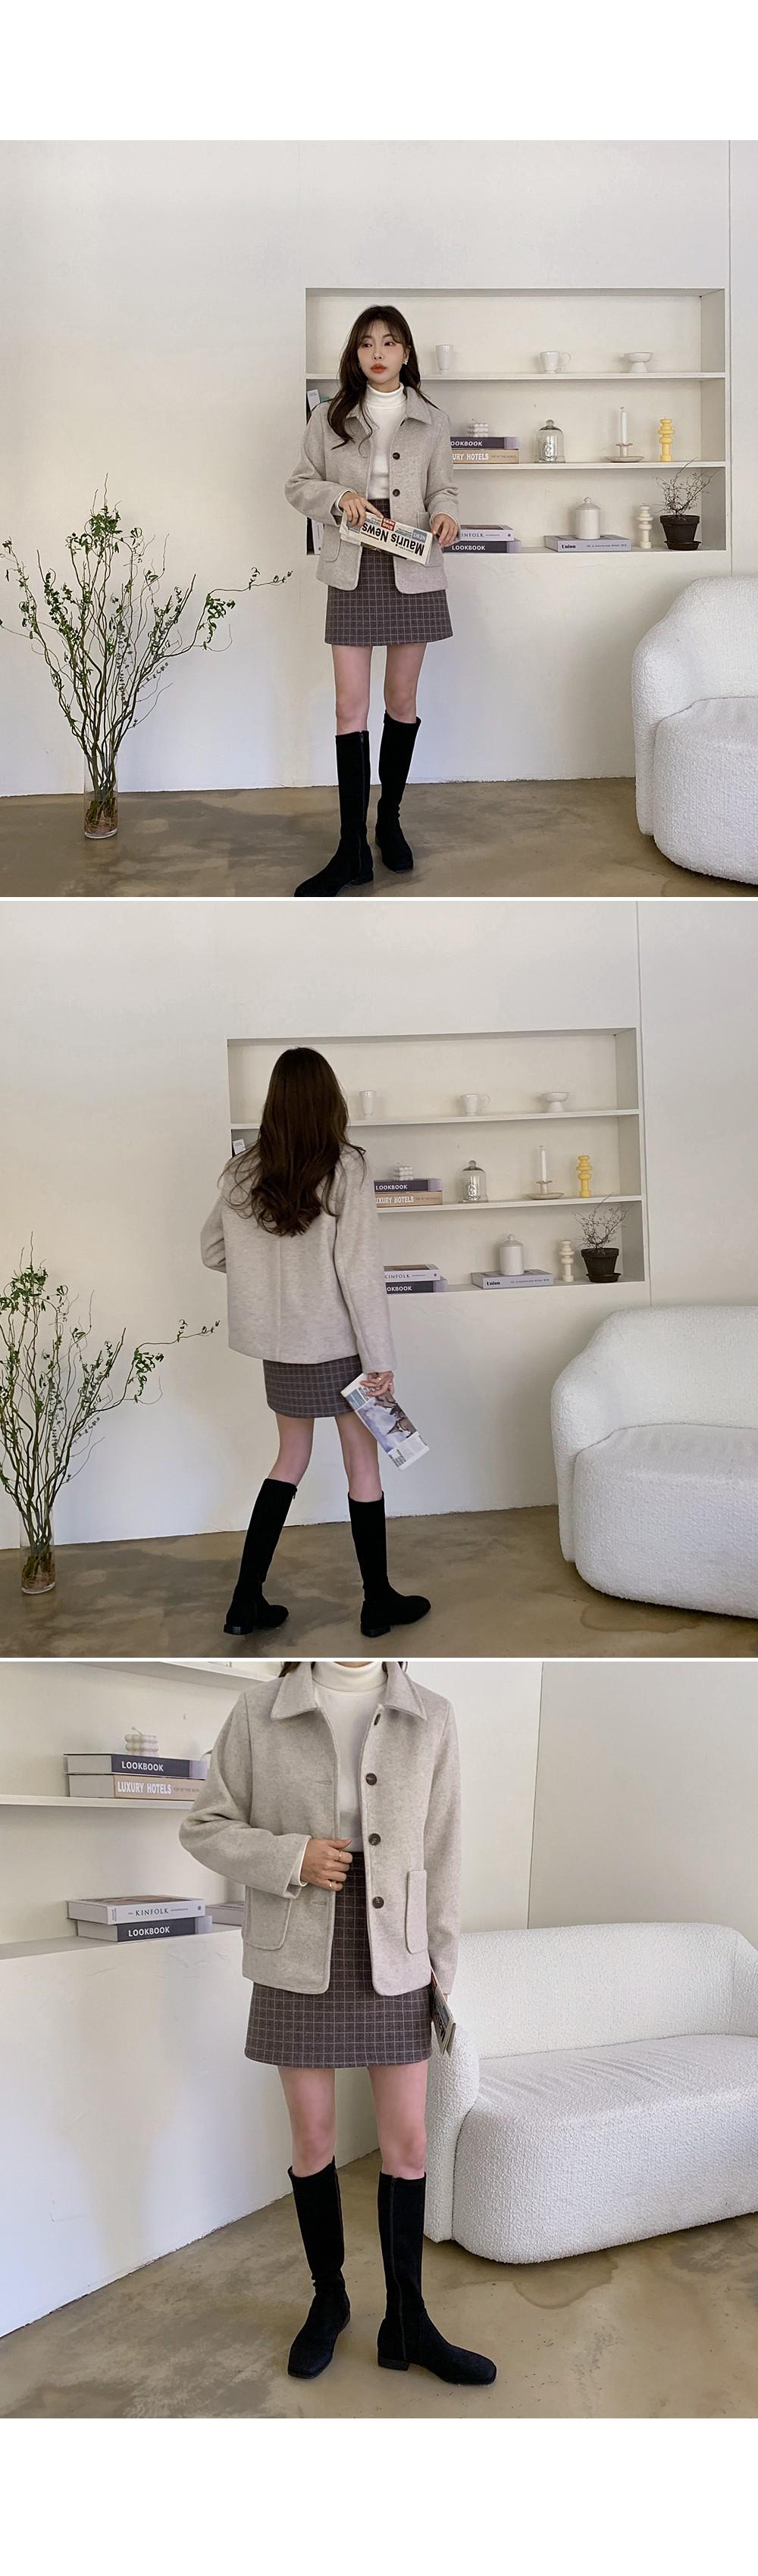 accessories cream color image-S1L35